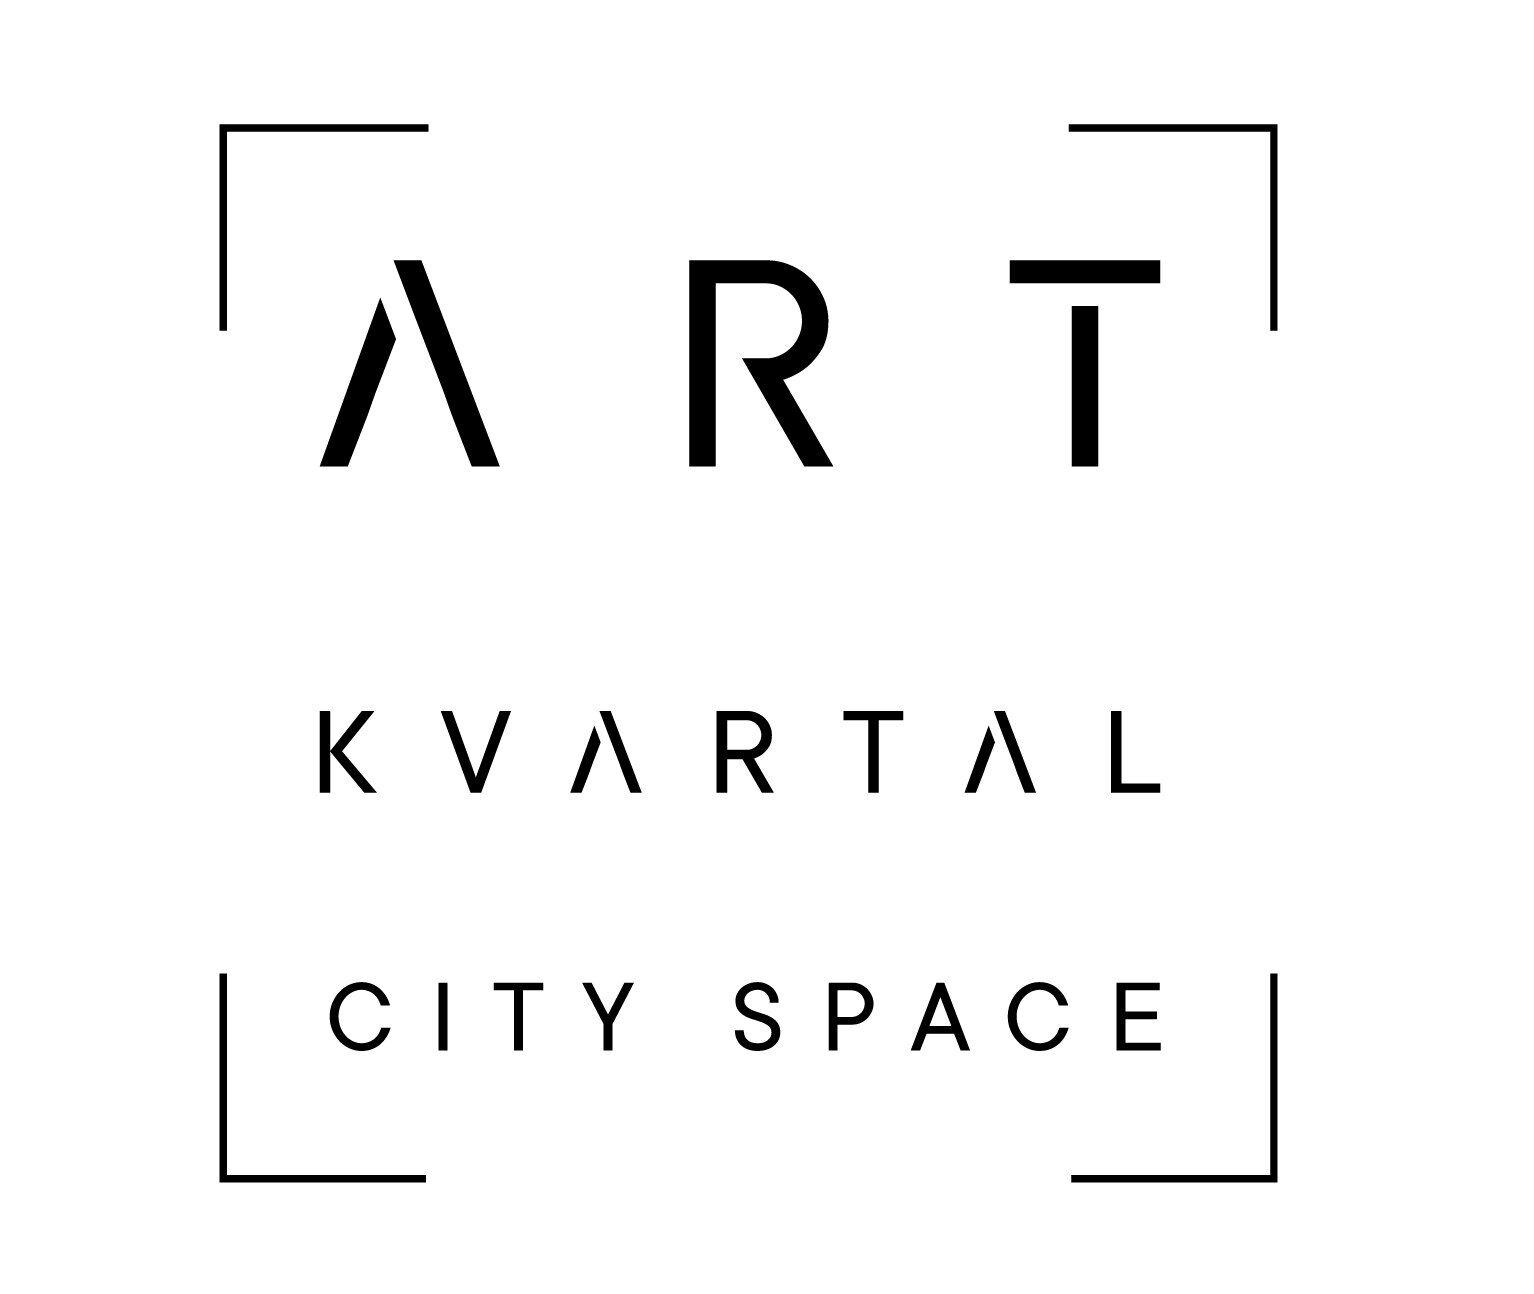 Три великі компанії вийшли з проєкту Art Kvartal City Space в Одесі